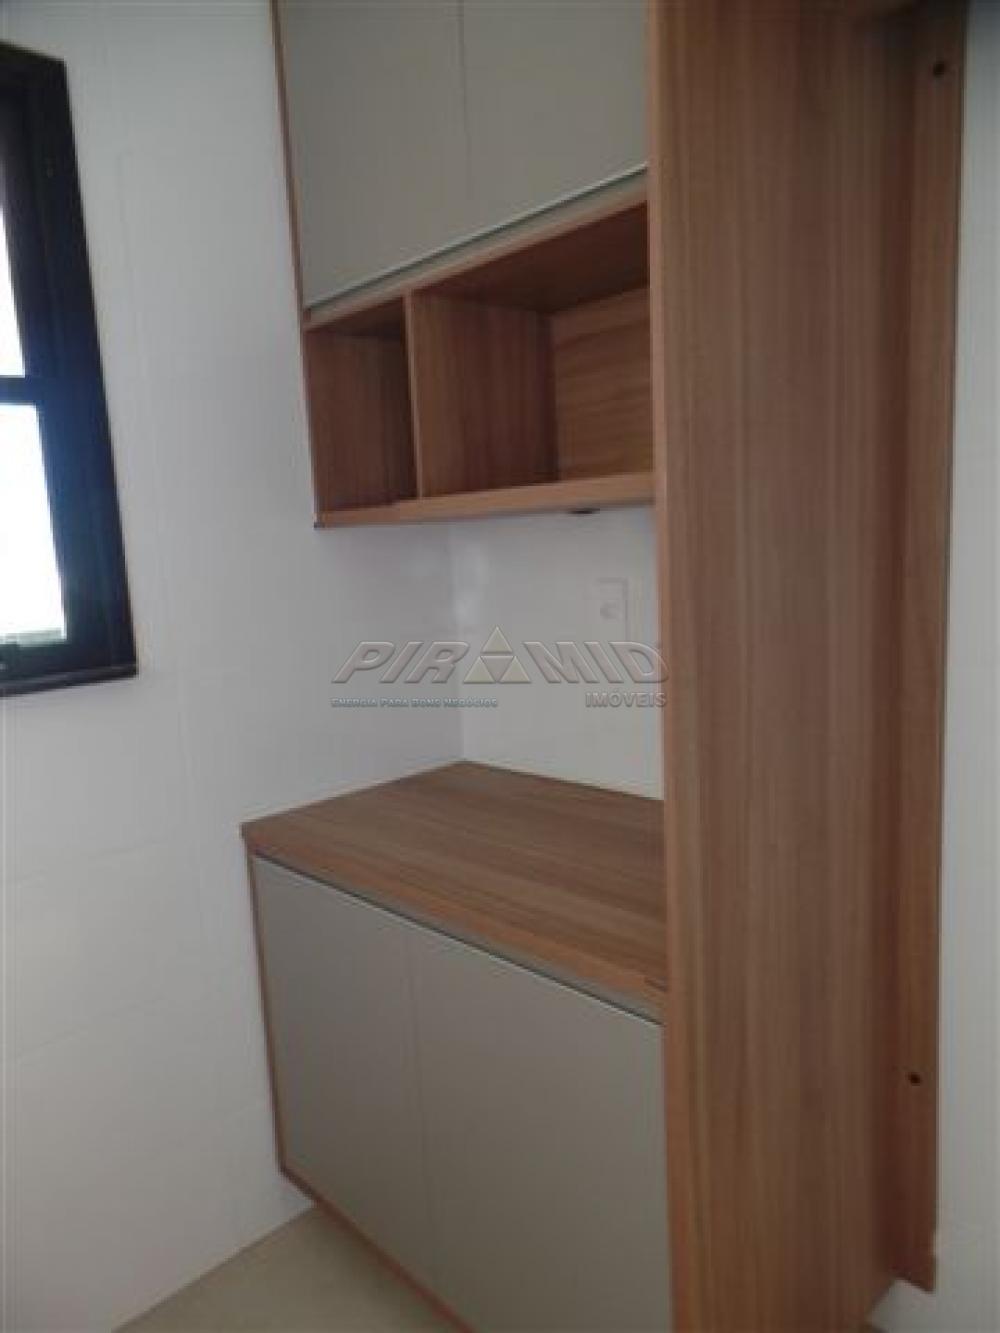 Alugar Apartamento / Padrão em Ribeirão Preto apenas R$ 2.350,00 - Foto 4